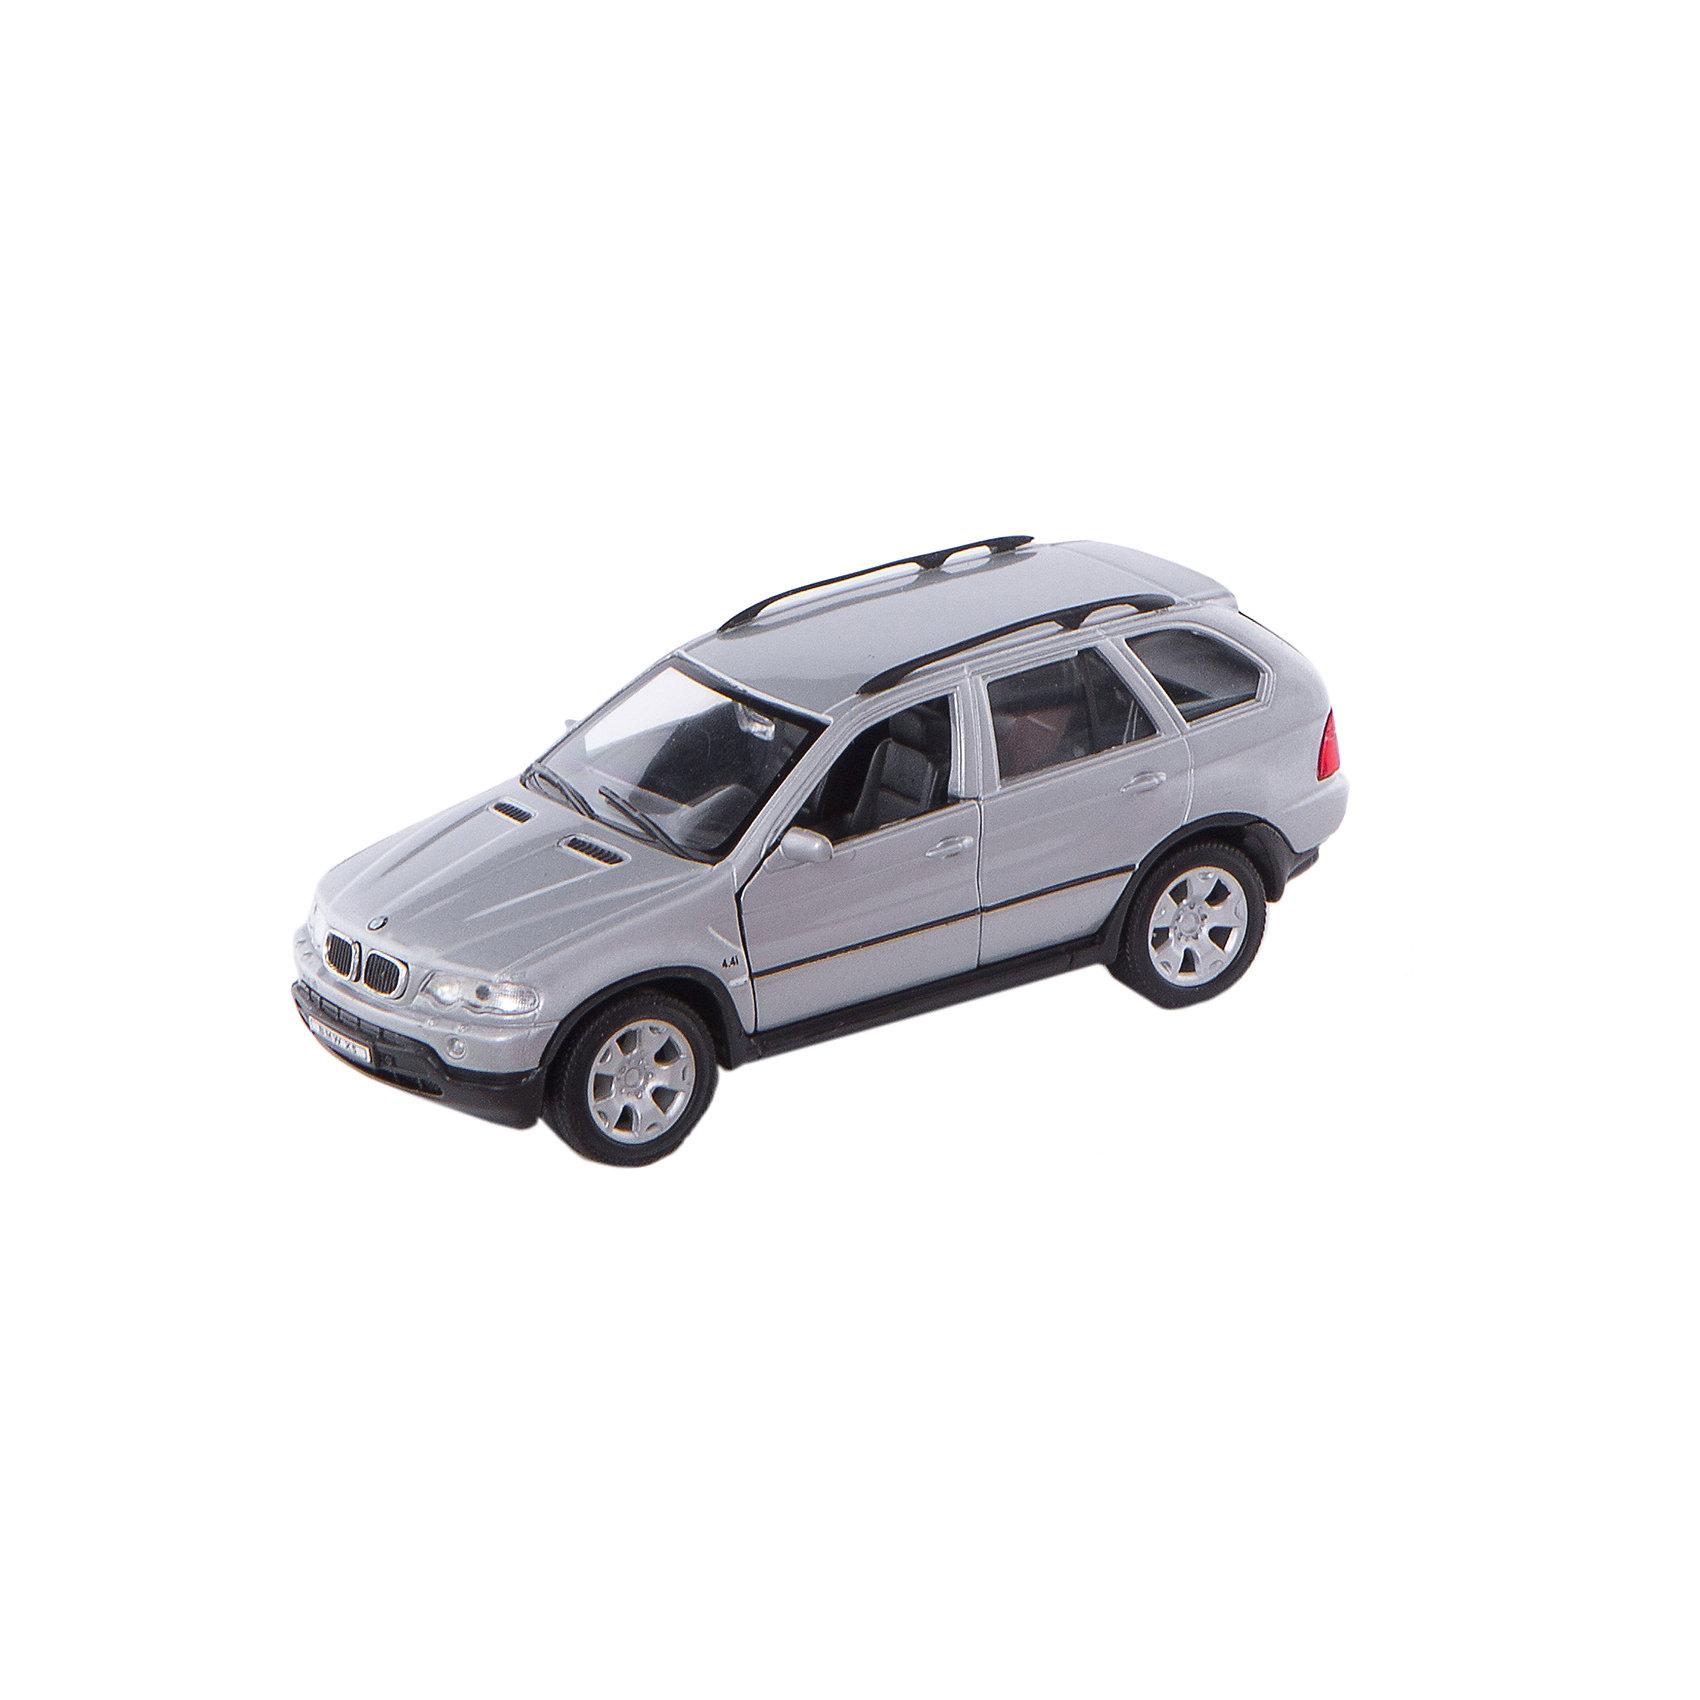 Модель машины 1:31 BMW X5, WellyМодель машины BMW X5, Welly (Велли) станет замечательным подарком для автолюбителей и коллекционеров всех возрастов. В коллекции масштабных моделей Welly представлено все многообразие автотехники: ретро-автомобили, легковые автомобили различных марок, грузовики, автомобили городских служб и многое другое. Все машинки отличаются высокой степенью детализации и тщательной проработкой всех элементов.<br><br>Машинка BMW X5 представляет собой точную копию настоящего автомобиля в масштабе 1:31. Впервые внедорожник BMW X5 была представлен в 1999 году на автосалоне в Детройте, автомобиль сочетает в себе комфорт, динамику и высокие качества внедорожника. Модель от Welly оснащена прочными стеклами и зеркалами заднего вида, интерьер салона и органы управления тщательно проработаны. Передние двери открываются, руль не вращается. Автомобиль снабжен инерционным механизмом, ускоряется при толчке. Корпус модели выполнен из металла, а отделка салона и декоративные элементы из пластика.<br><br>Дополнительная информация:<br><br>- Материал: металл, пластик, колеса прорезиненные.<br>- Масштаб: 1:31.<br>- Размер модели: 4 х 14 х 5 см. <br>- Размер упаковки: 8 х 18 х 8 см.<br>- Вес: 0,3 кг. <br><br>Модель машины BMW X5, Welly можно купить в нашем интернет-магазине.<br><br>Ширина мм: 185<br>Глубина мм: 80<br>Высота мм: 80<br>Вес г: 310<br>Возраст от месяцев: 36<br>Возраст до месяцев: 192<br>Пол: Мужской<br>Возраст: Детский<br>SKU: 2150113